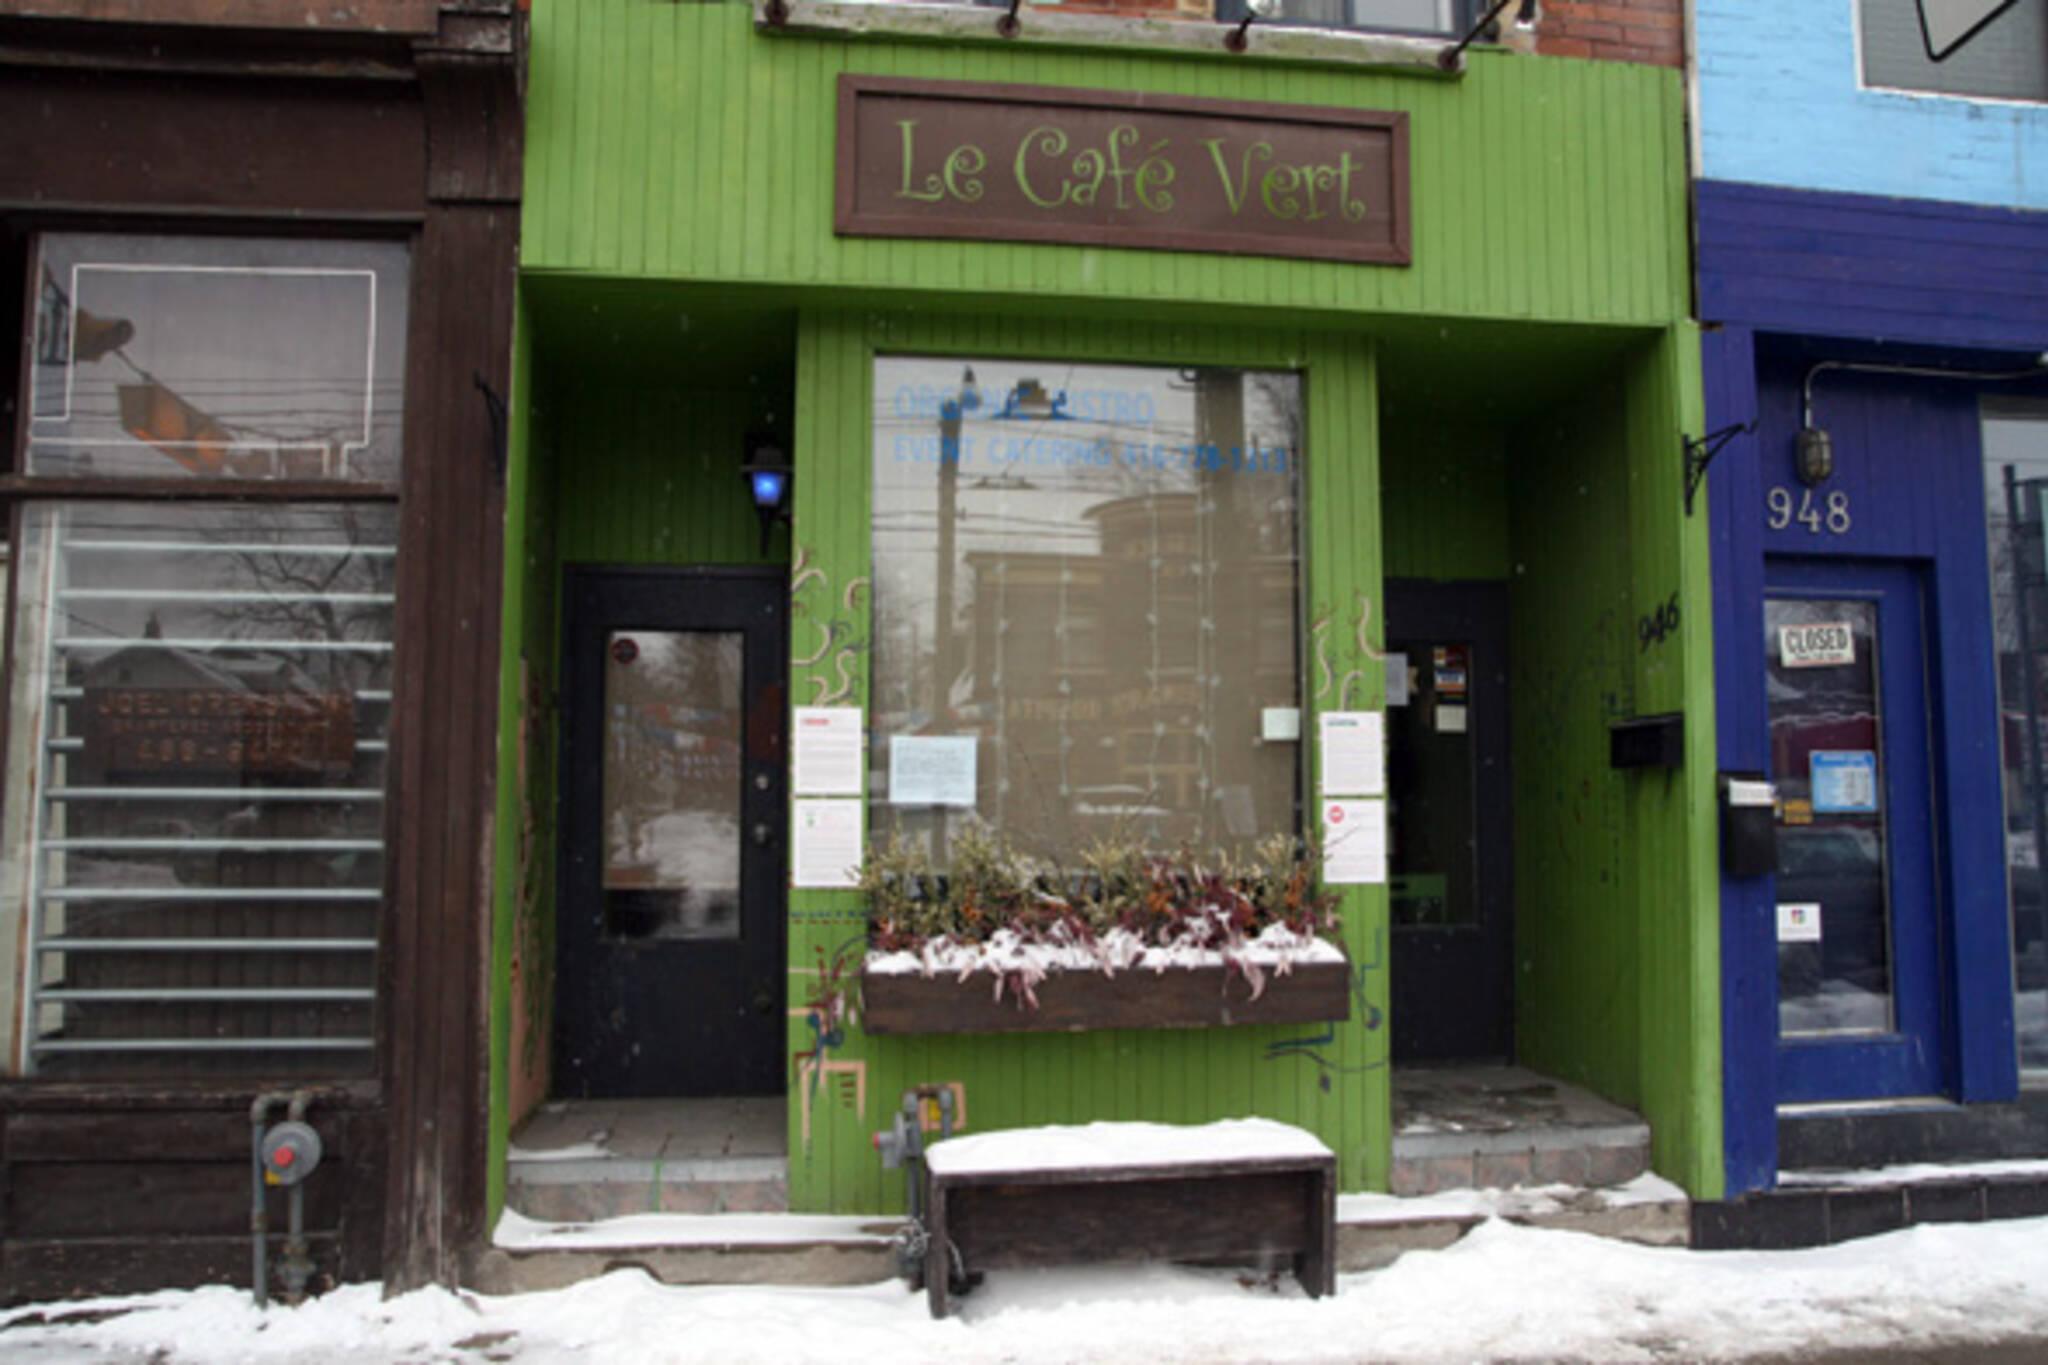 Le Cafe Vert